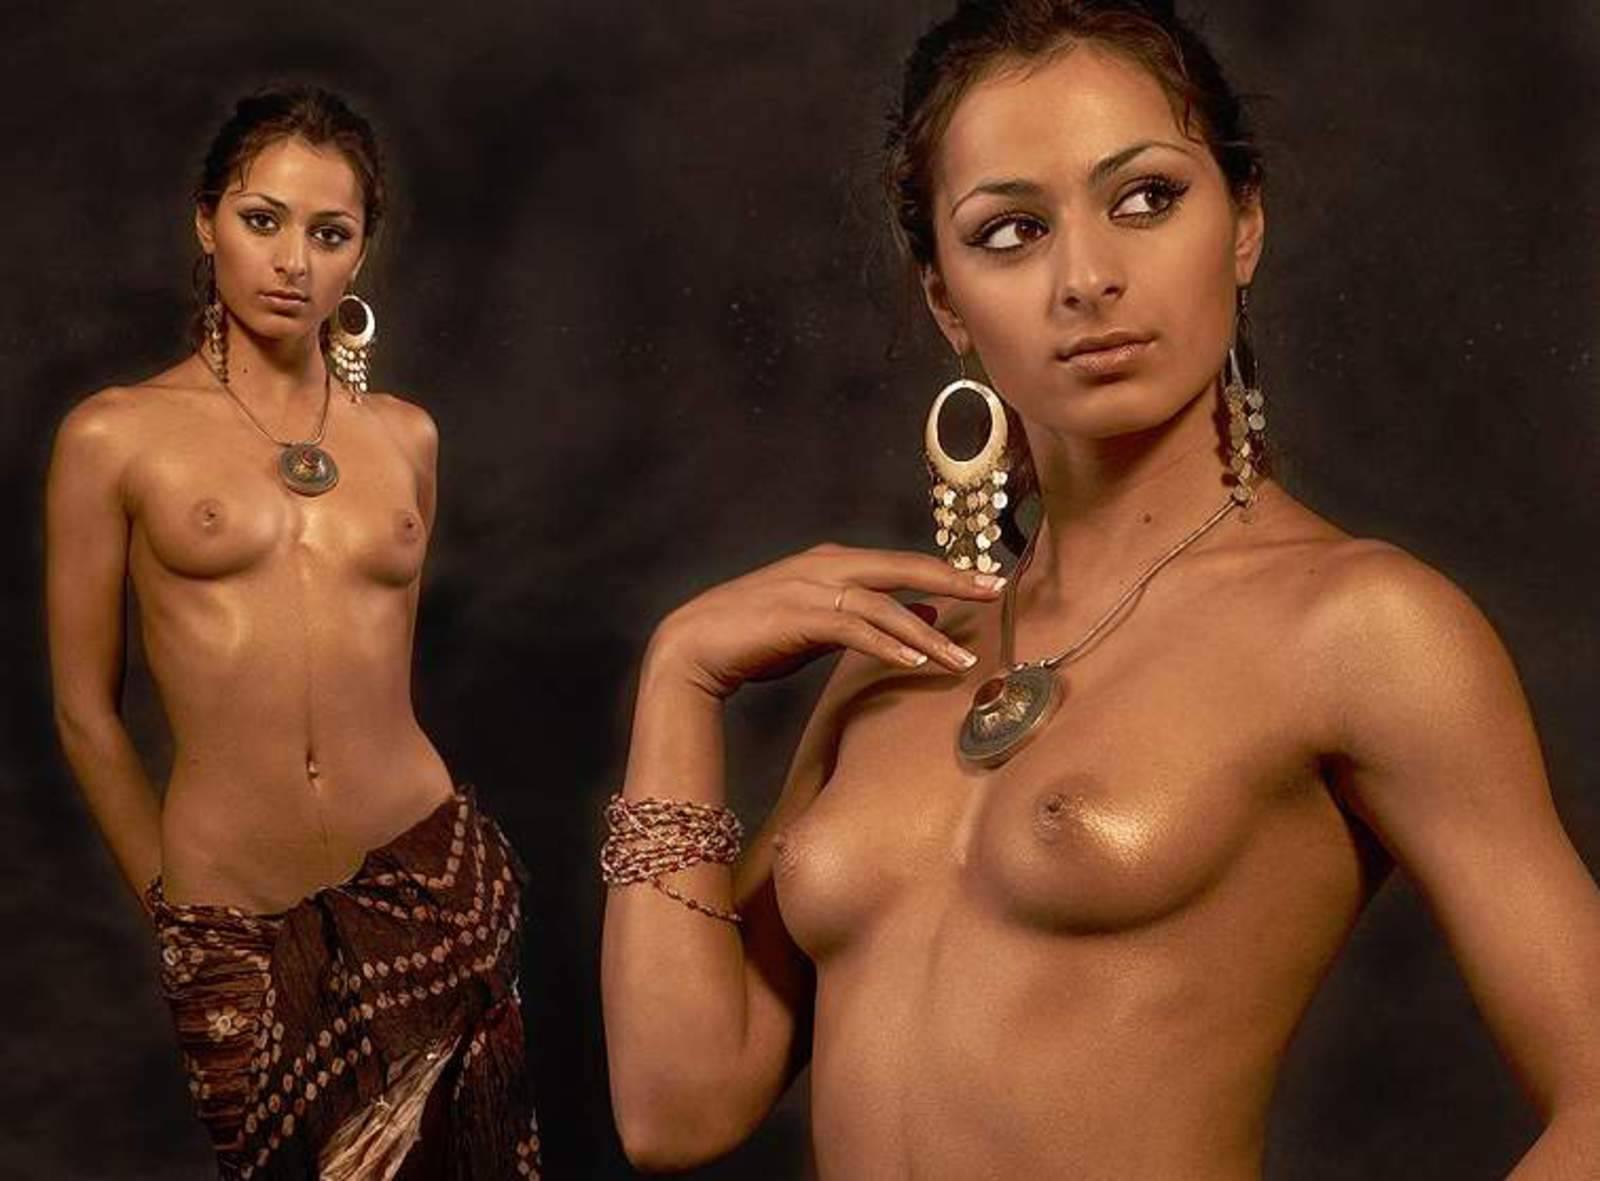 Фото индиской эротики 12 фотография